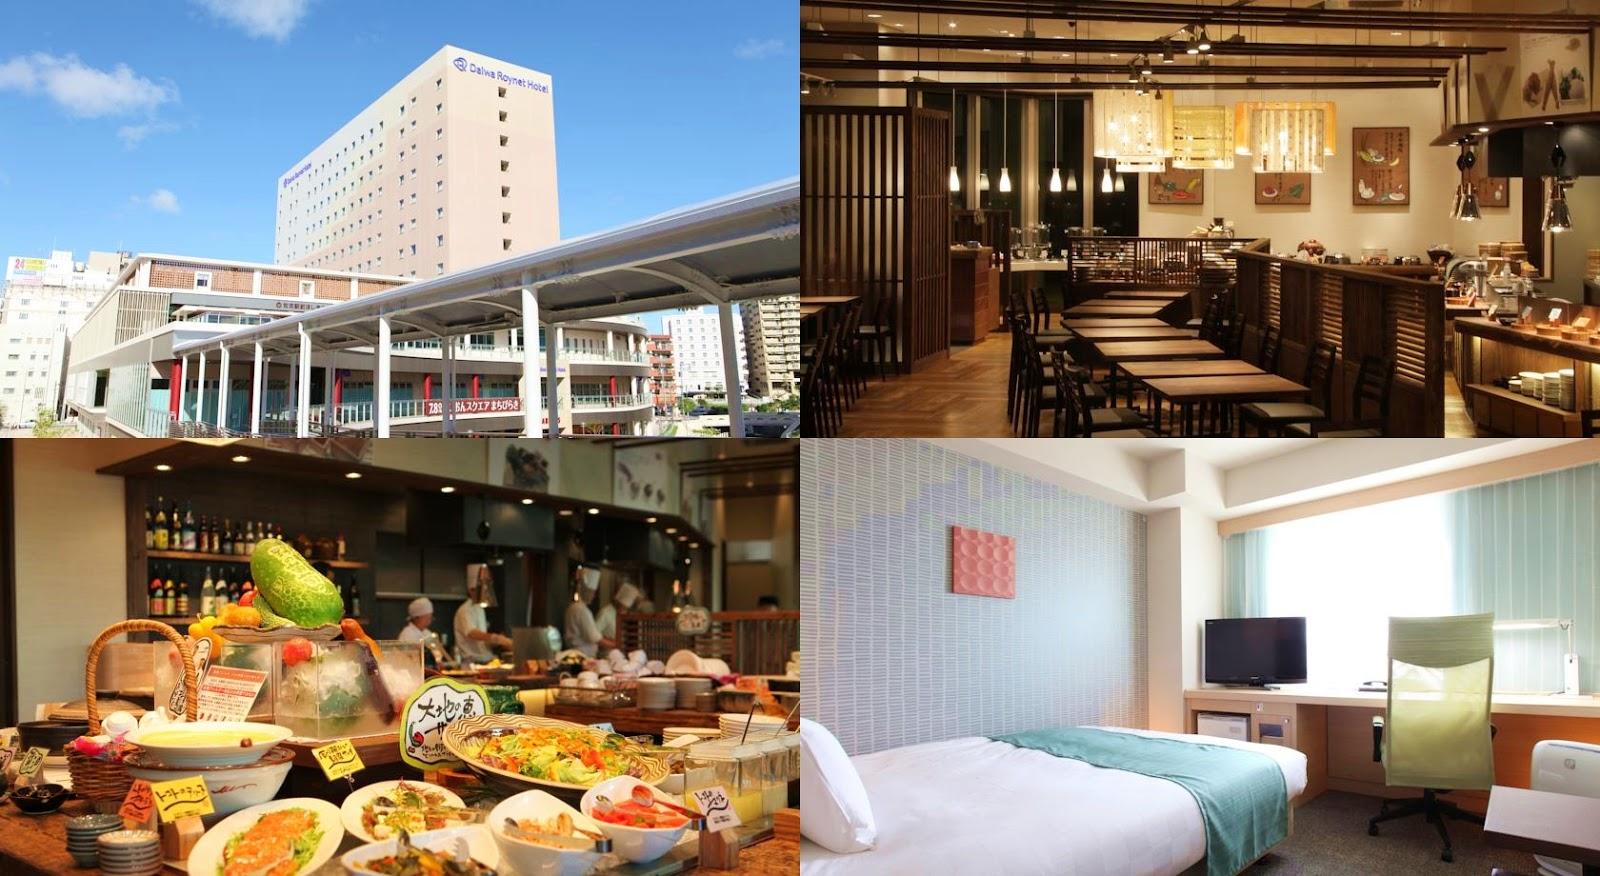 沖繩-住宿-推薦-飯店-旅館-民宿-公寓-那霸-國際通-大和ROYNET酒店-Daiwa-Roynet-Hotel-Naha-Kokusaidori-Okinawa-hotel-recommendation